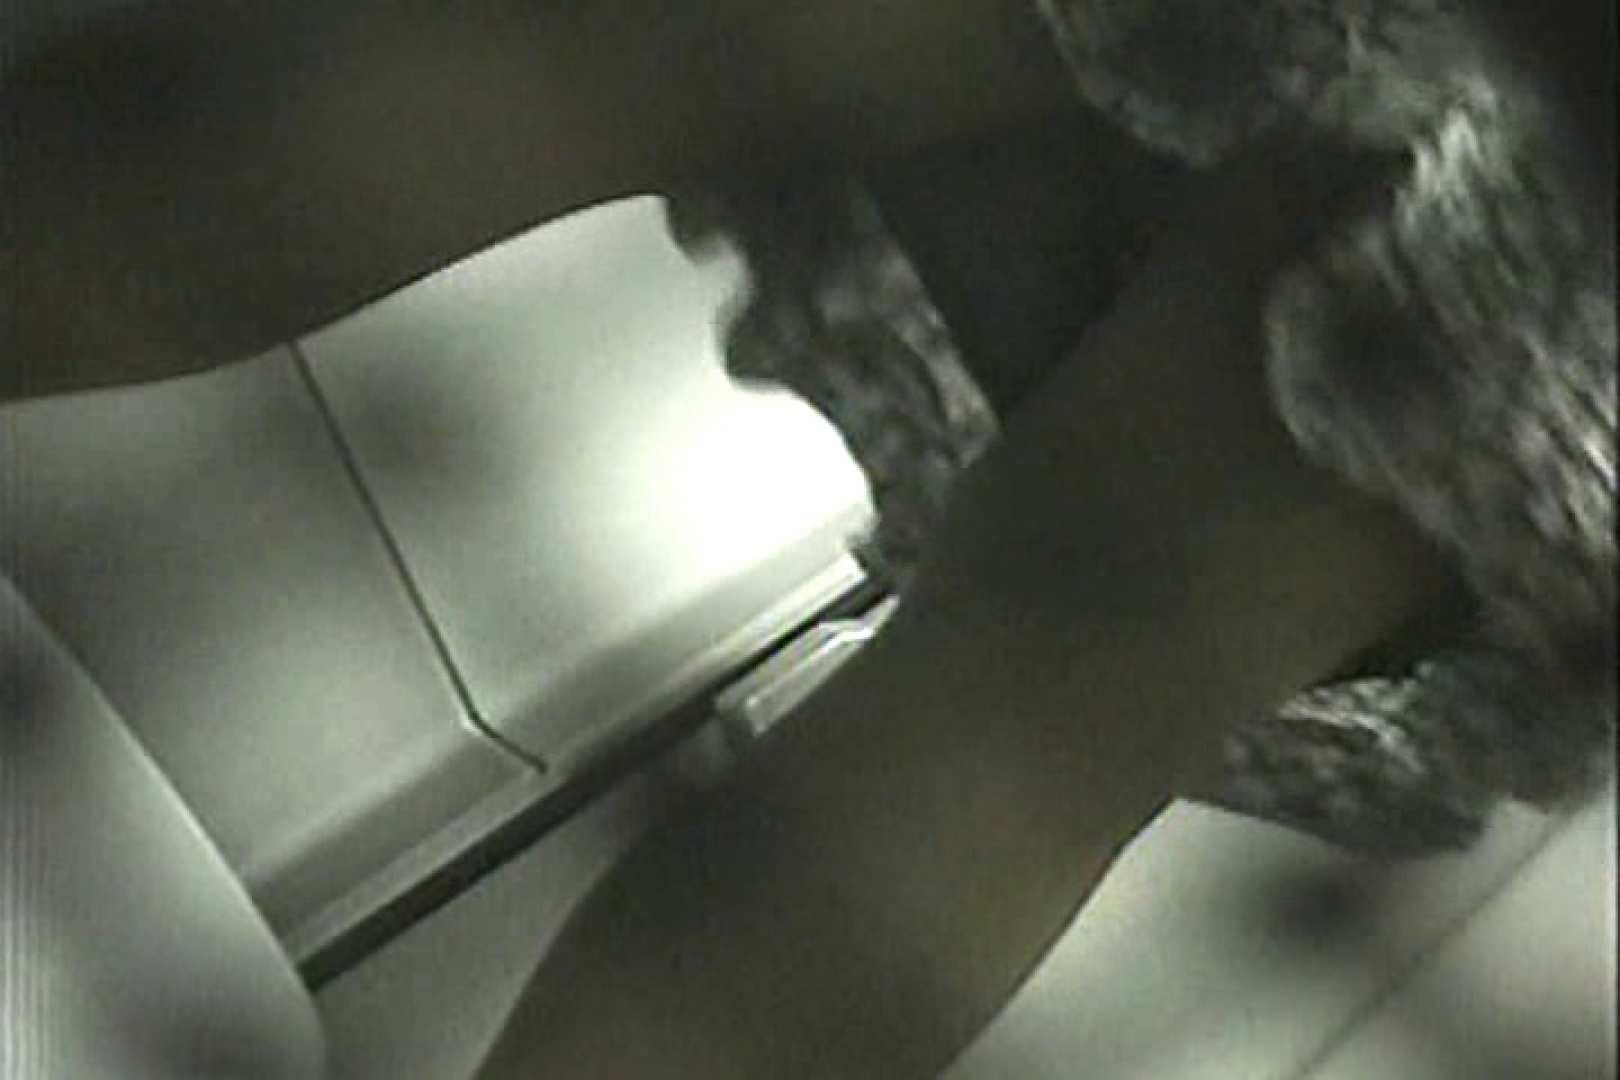 車内洗面所盗撮 電車ゆれればお尻もゆれる TK-98 洗面所はめどり   車の中のカップル  71画像 46